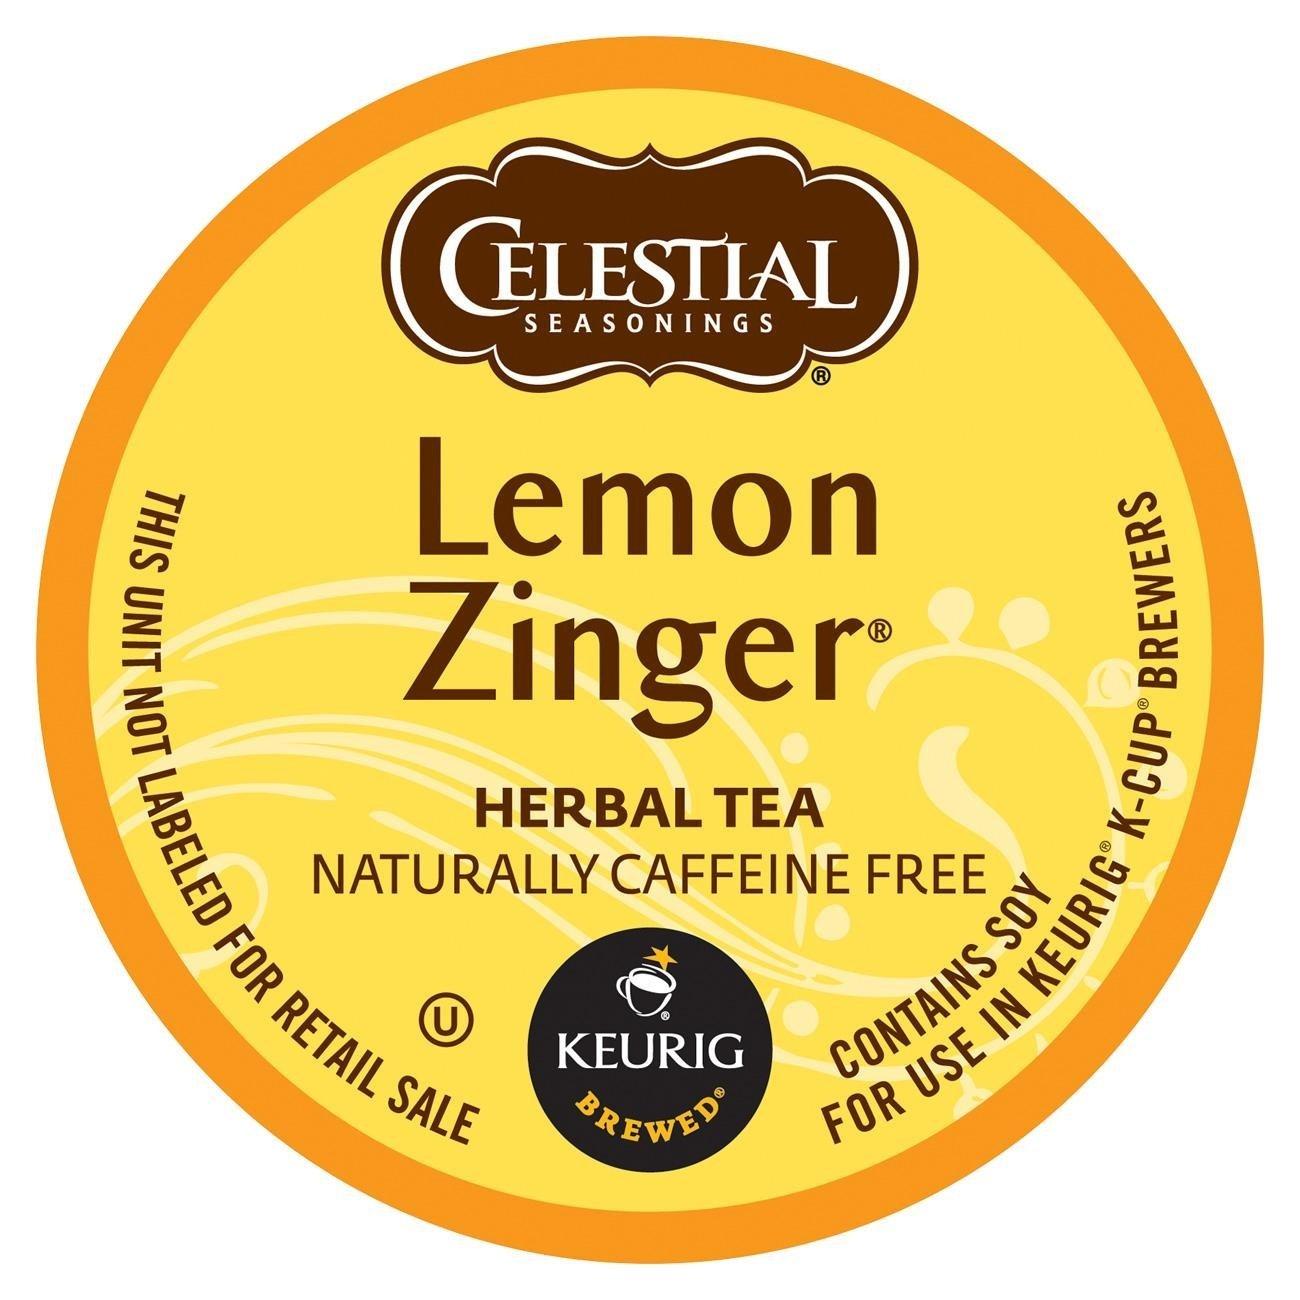 Celestial Seasonings Lemon Zinger Herbal Tea, K-Cup Portion Pack for Keurig K-Cup Brewers, 24-Count by Celestial Seasonings